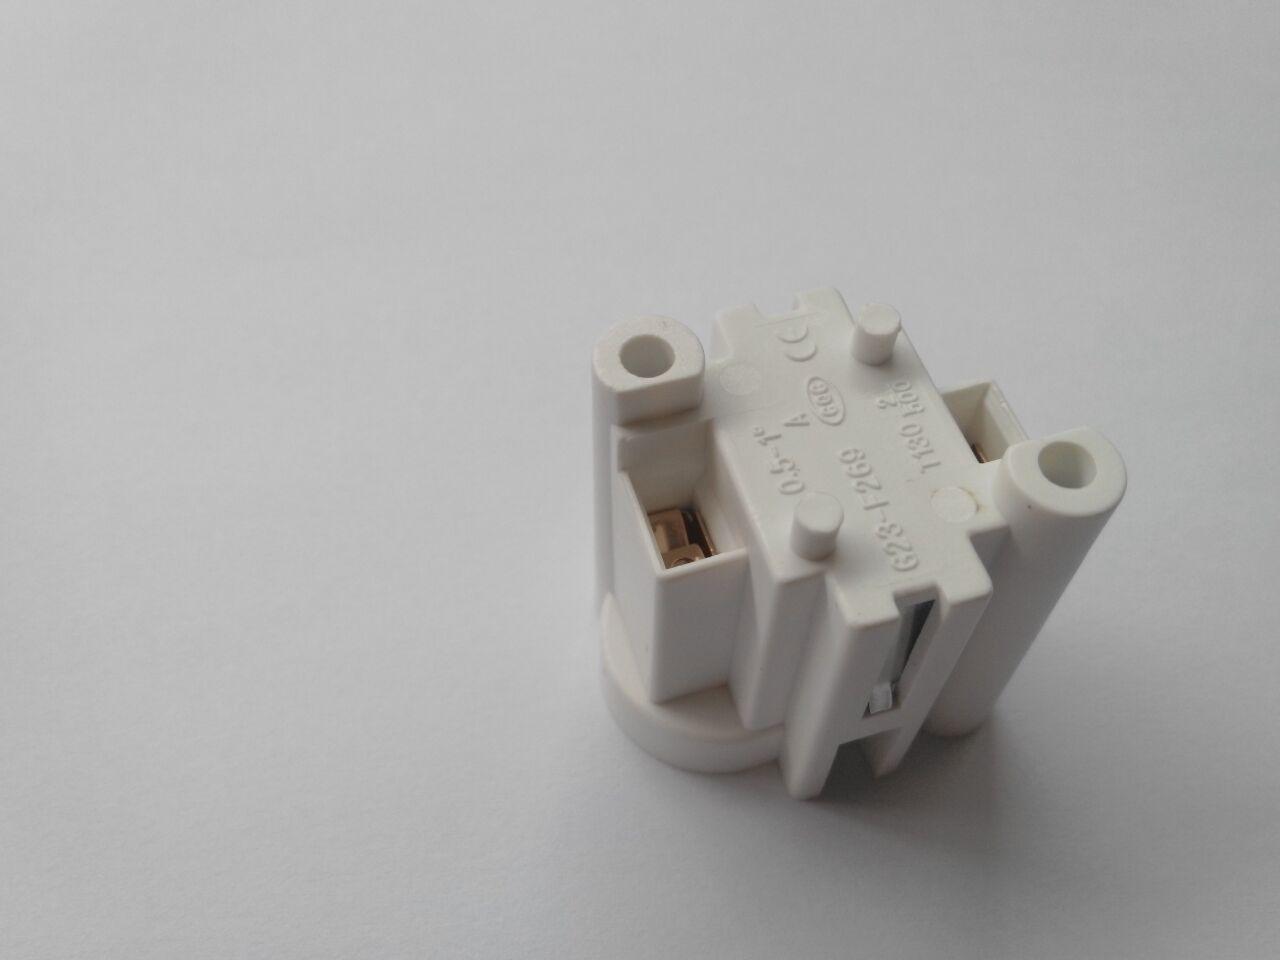 G23 supports de lampe @ culot de lampe pour ampoule à led